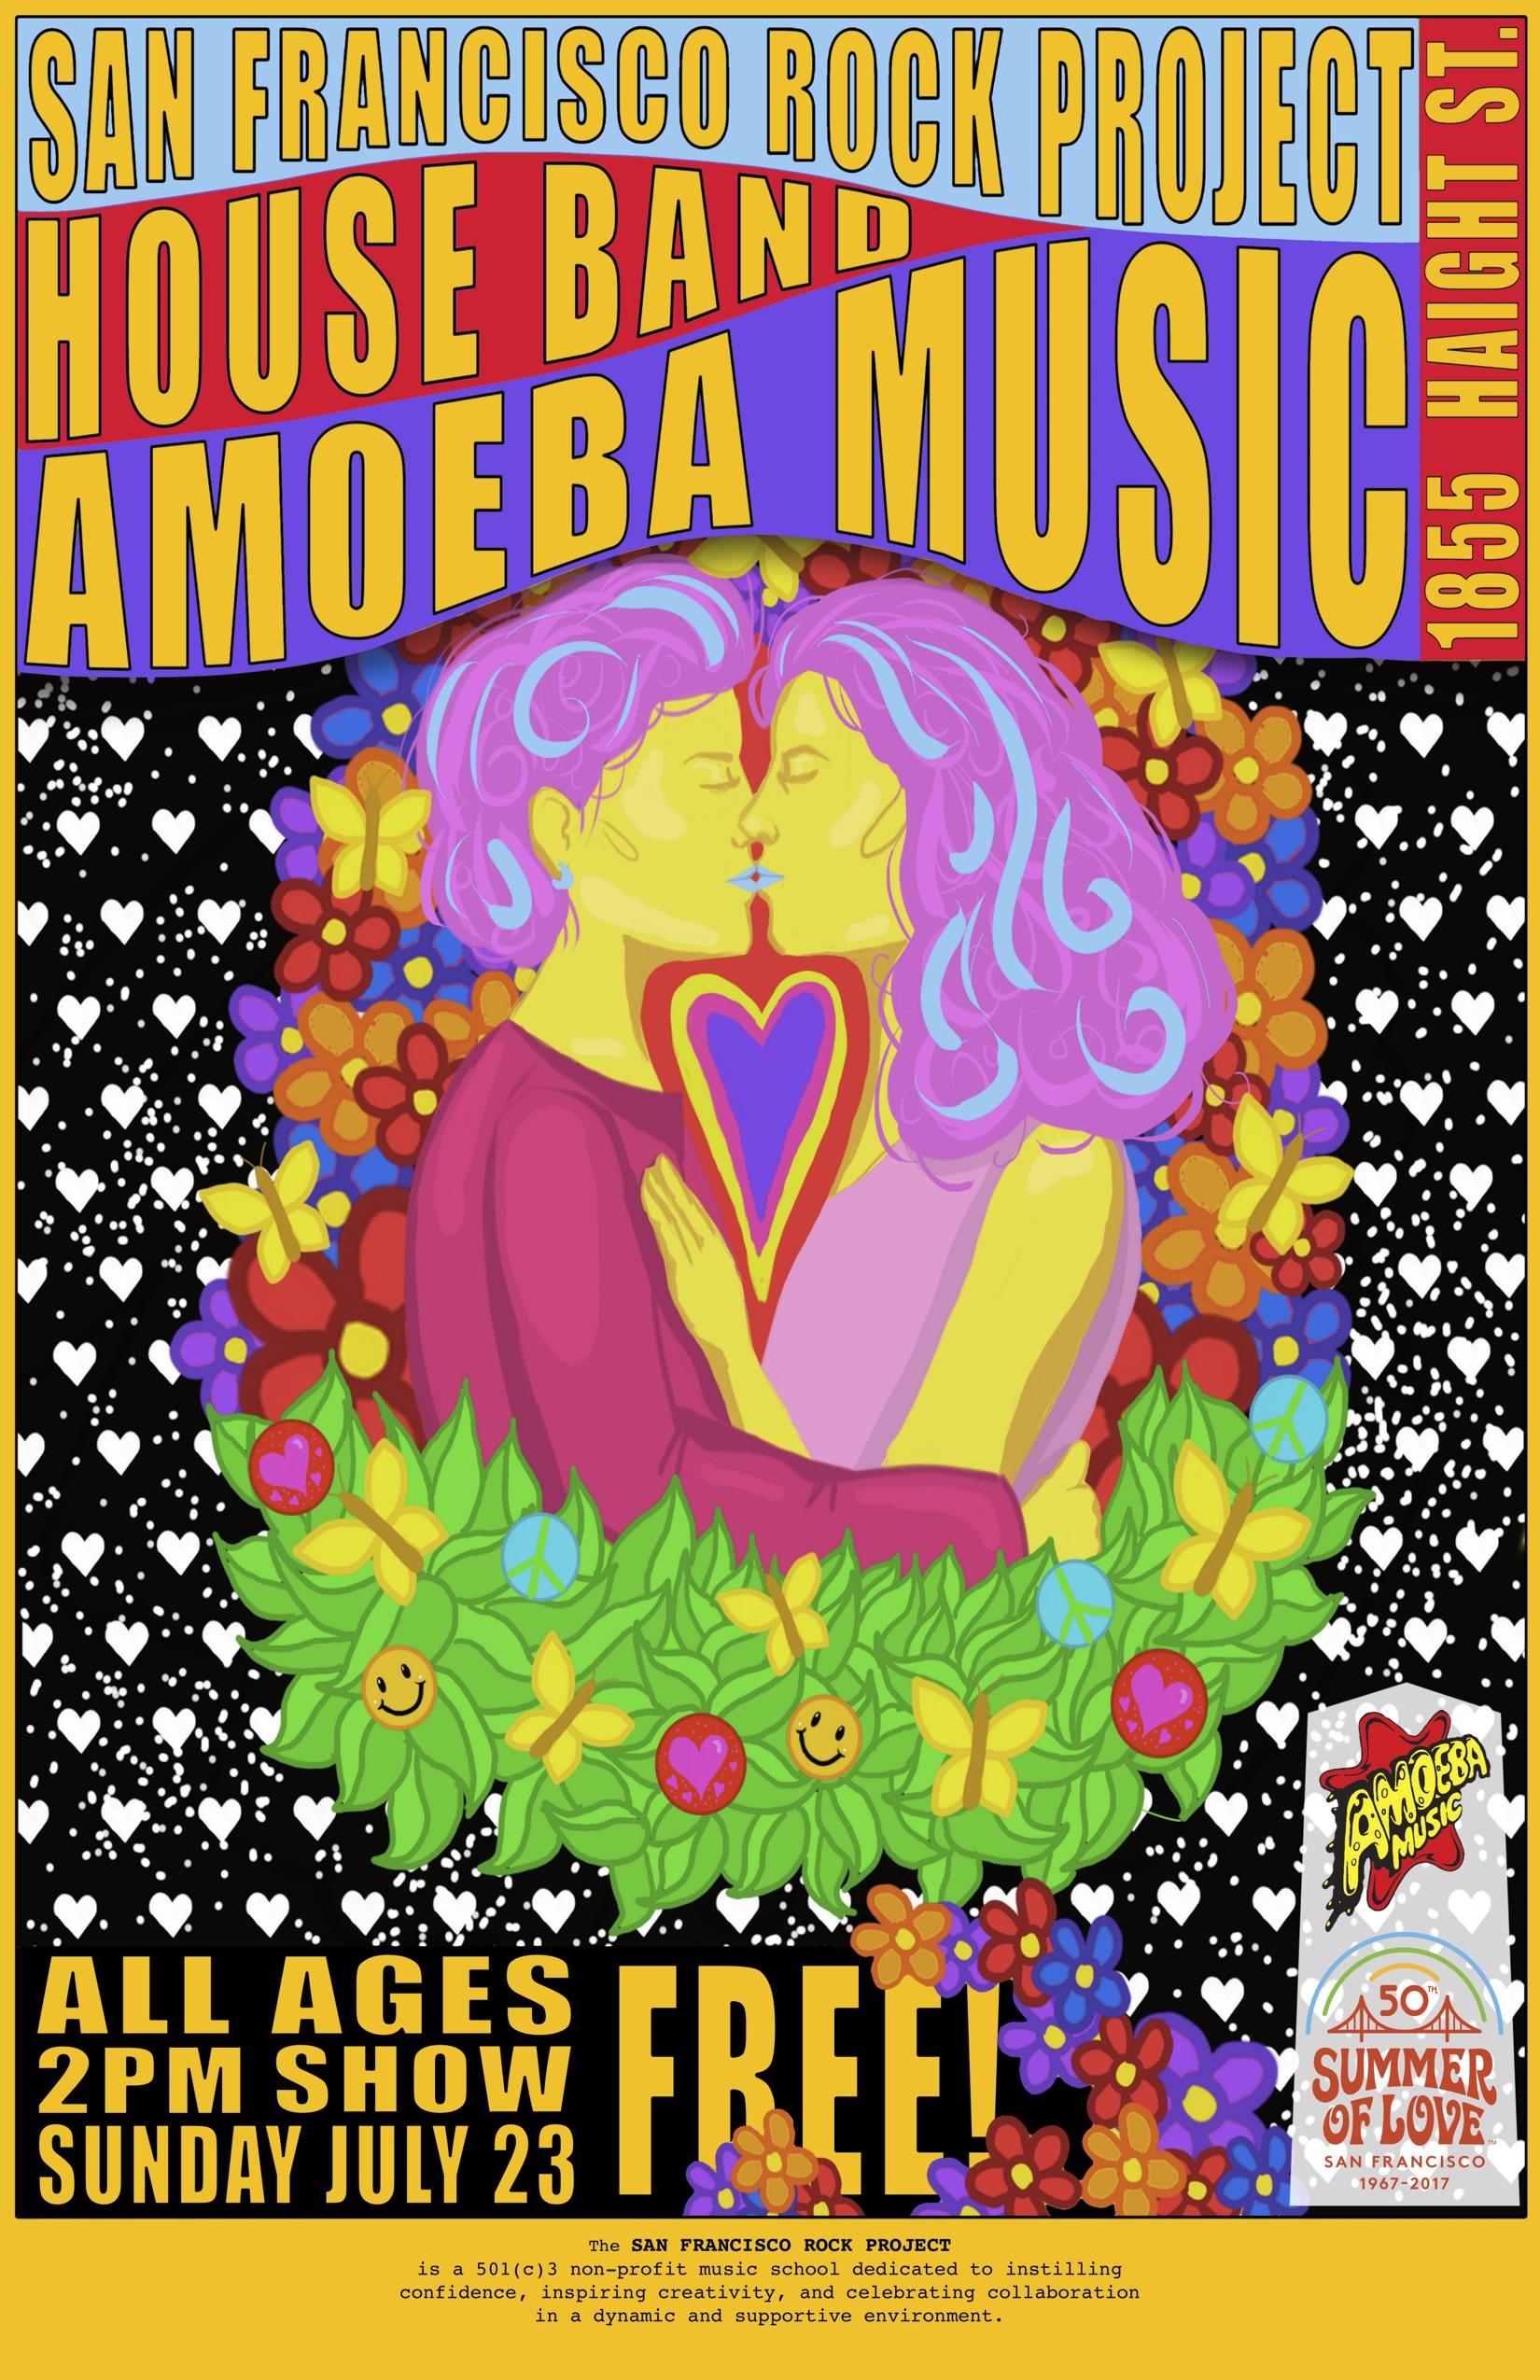 HB Amoeba 723 Poster 1117 PASS 3.jpg